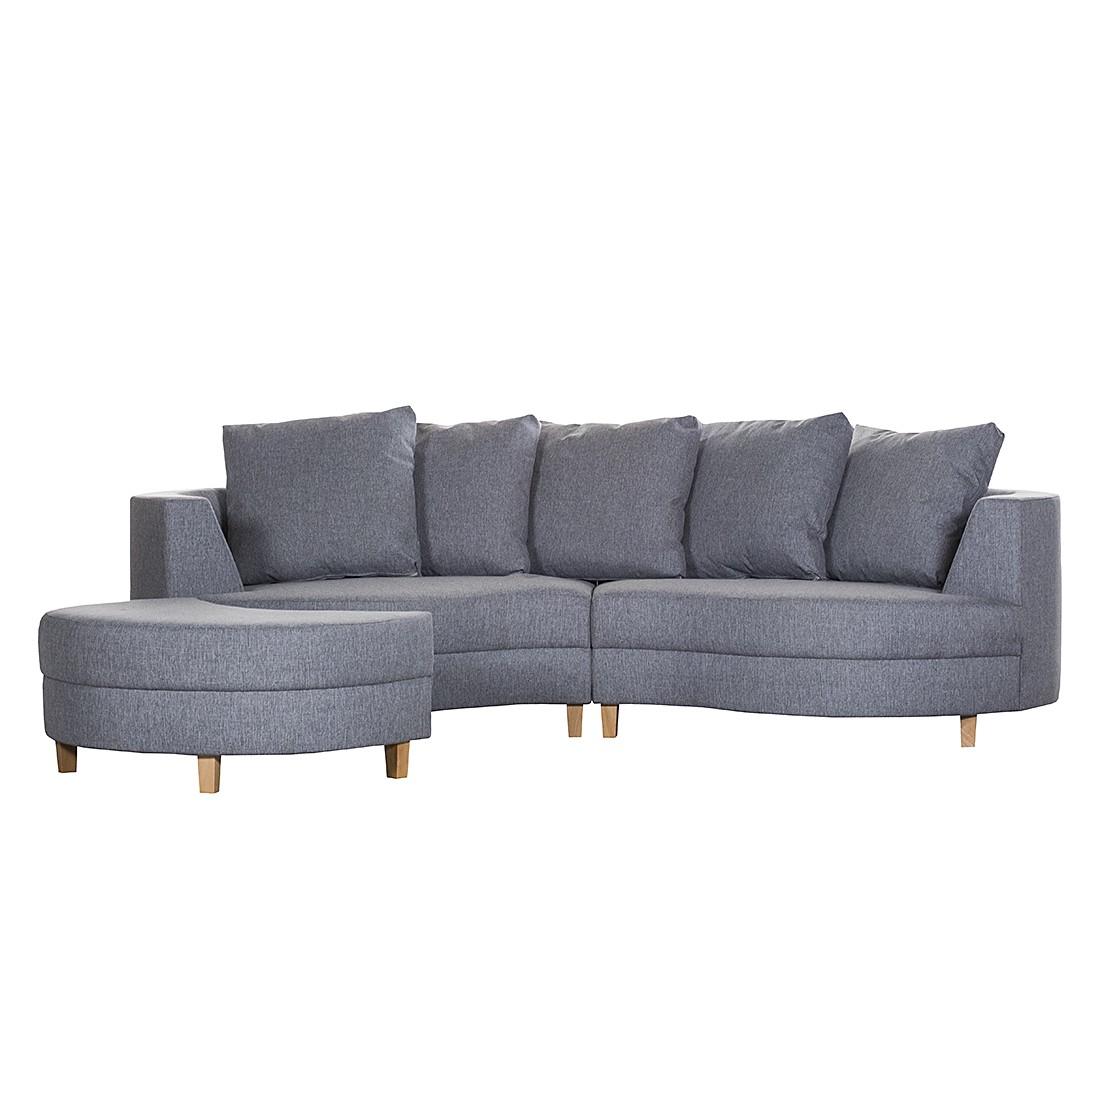 Canapé Sunset (avec repose-pieds) - Tissu structuré gris clair, roomscape